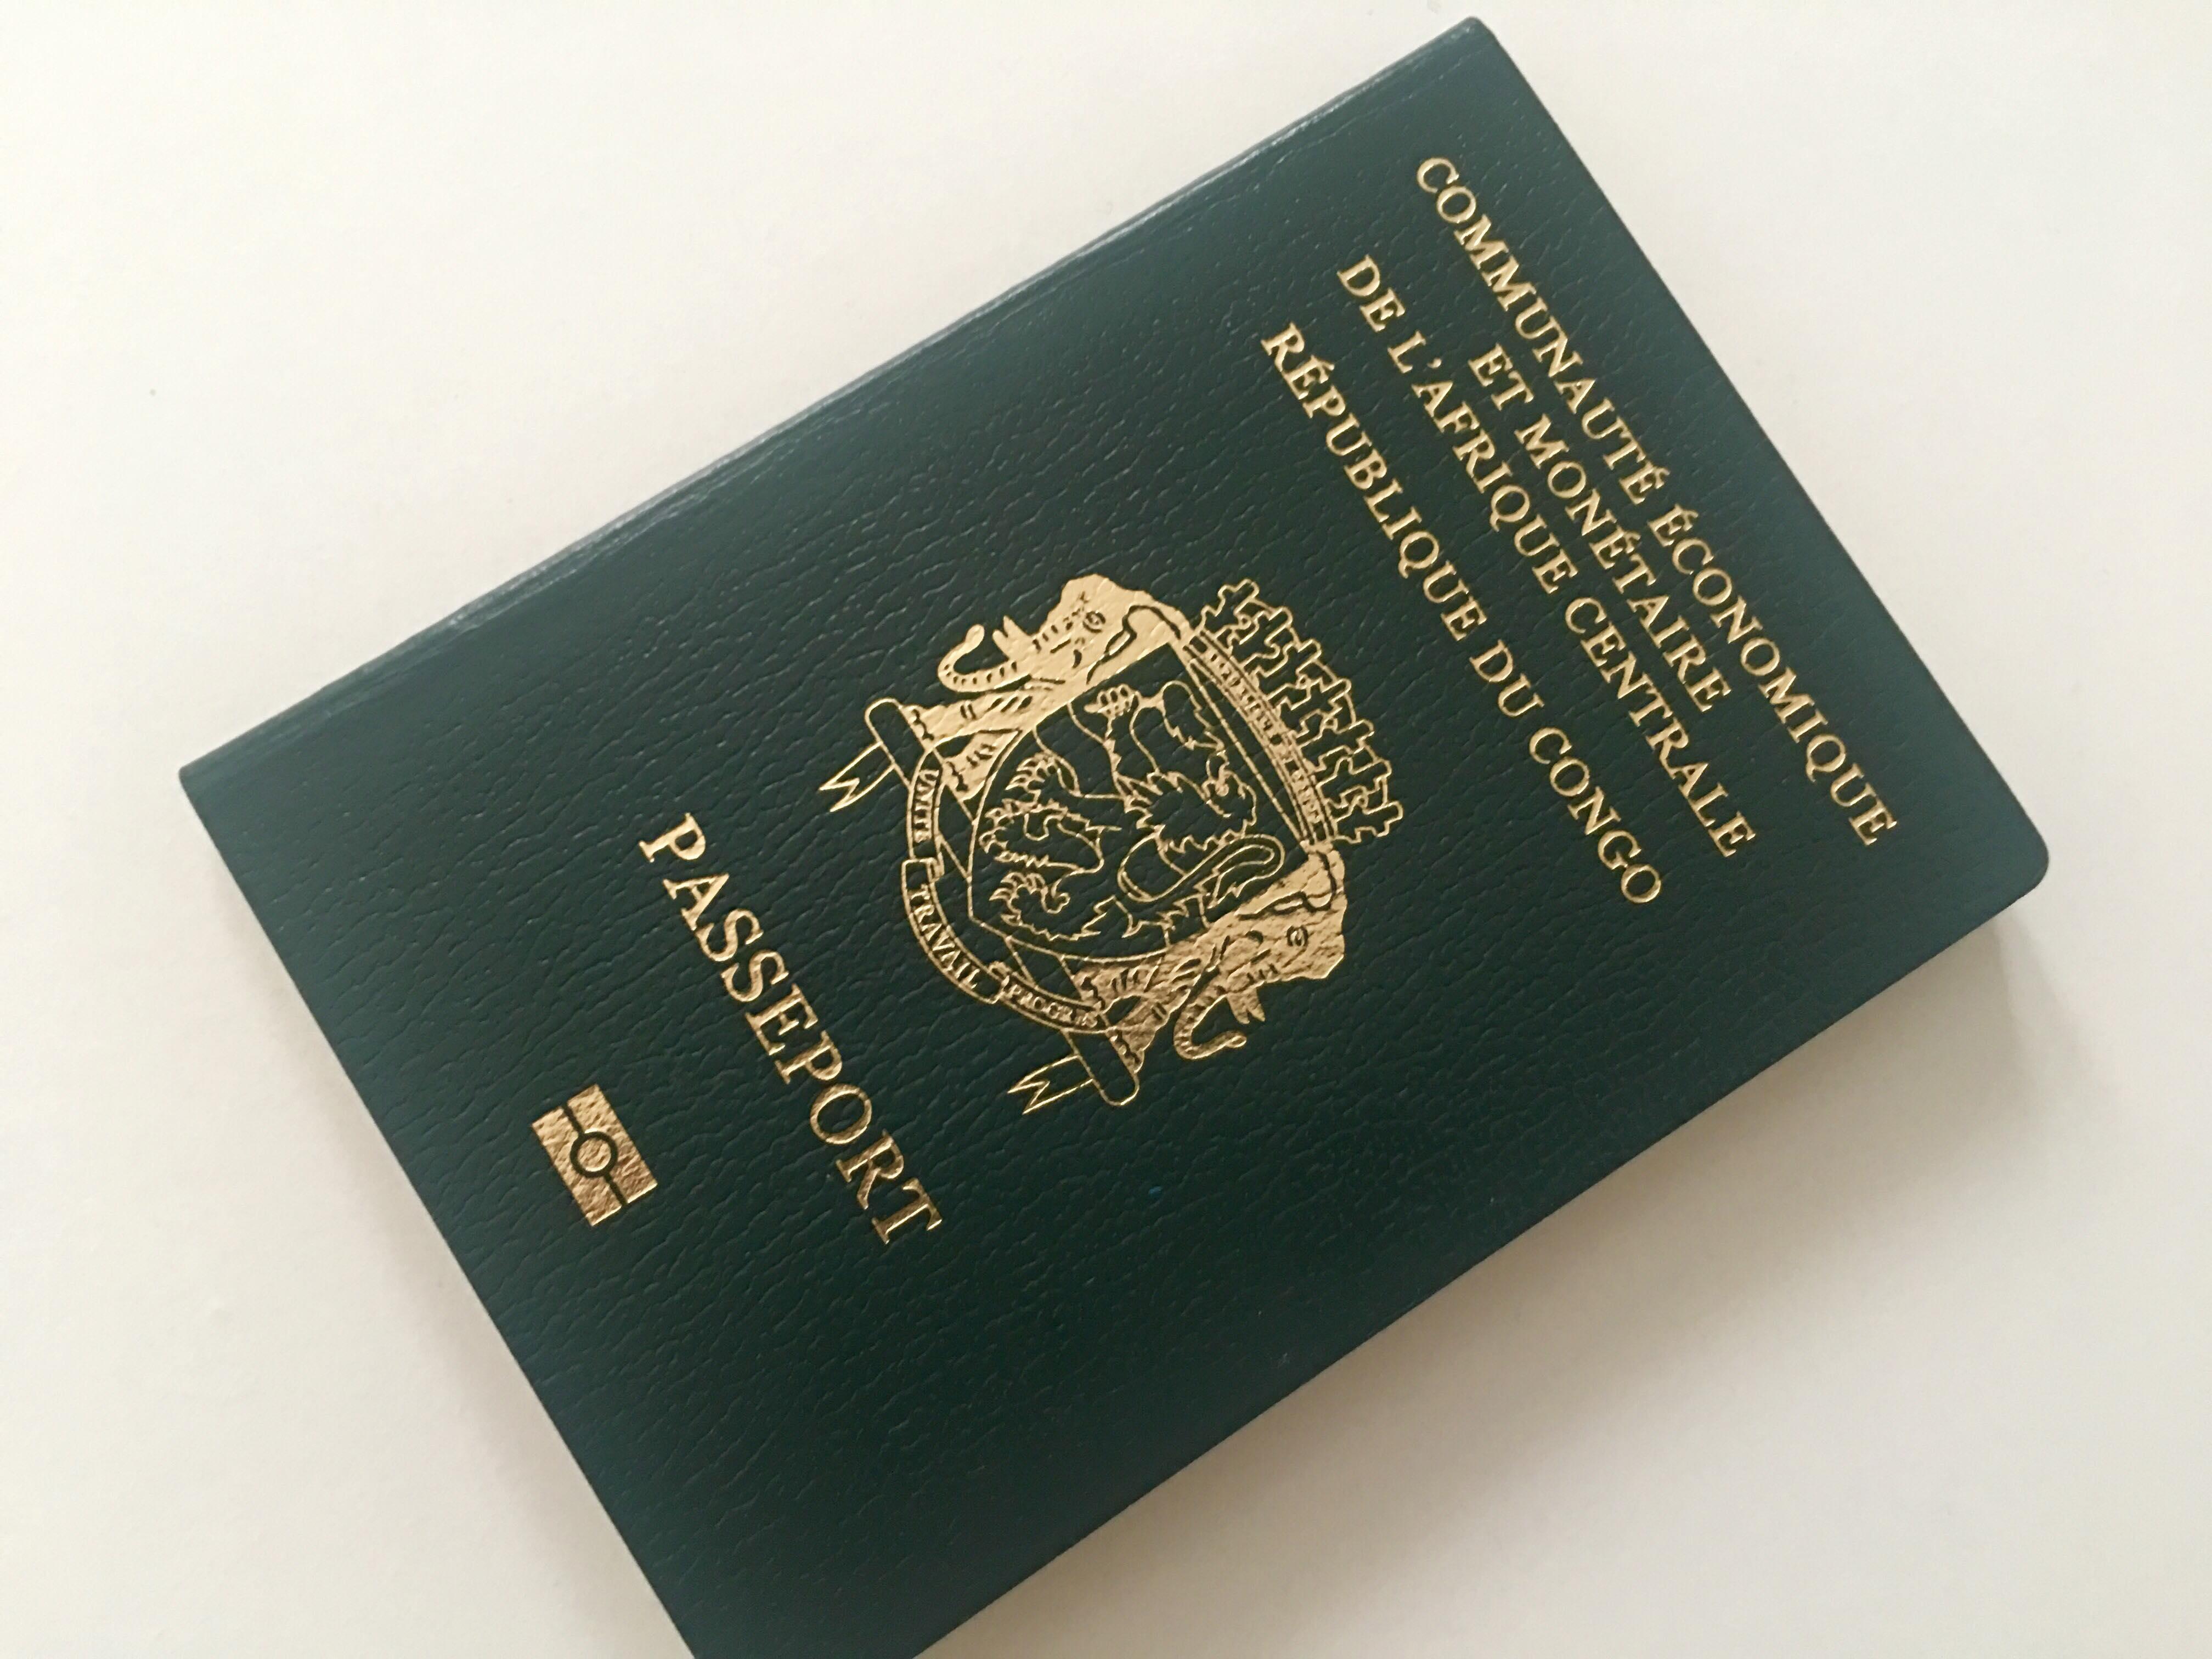 Le passeport congolais